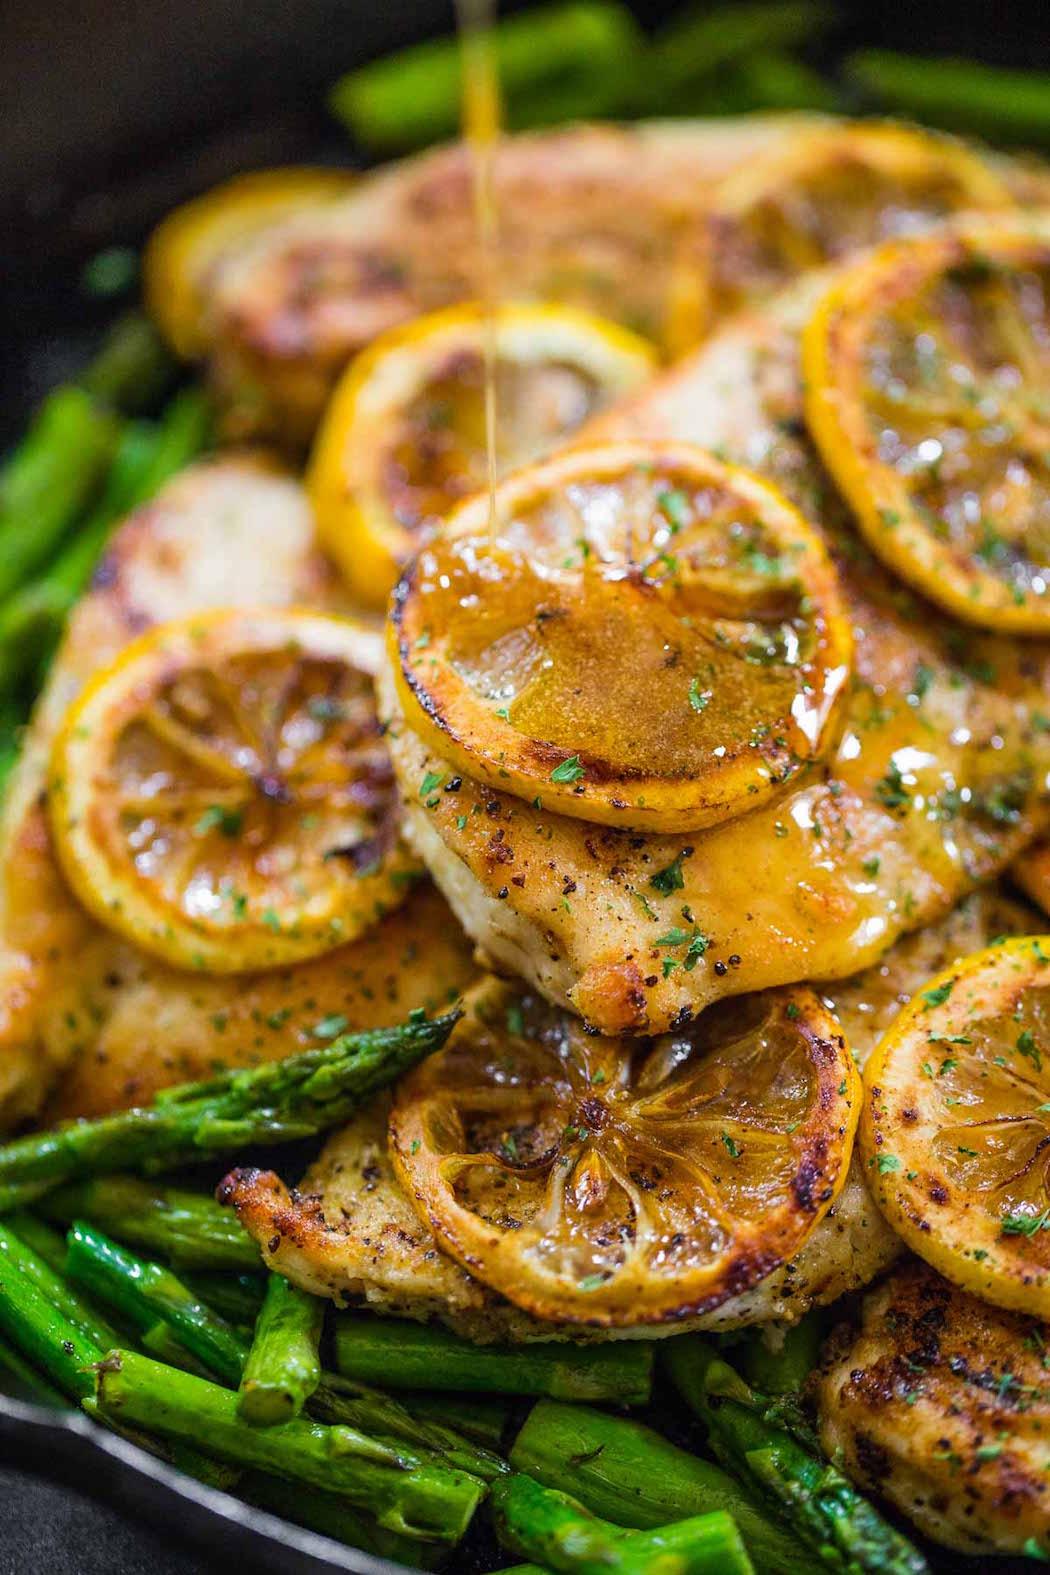 Κοτόπουλο με λεμόνι και σπαράγγια